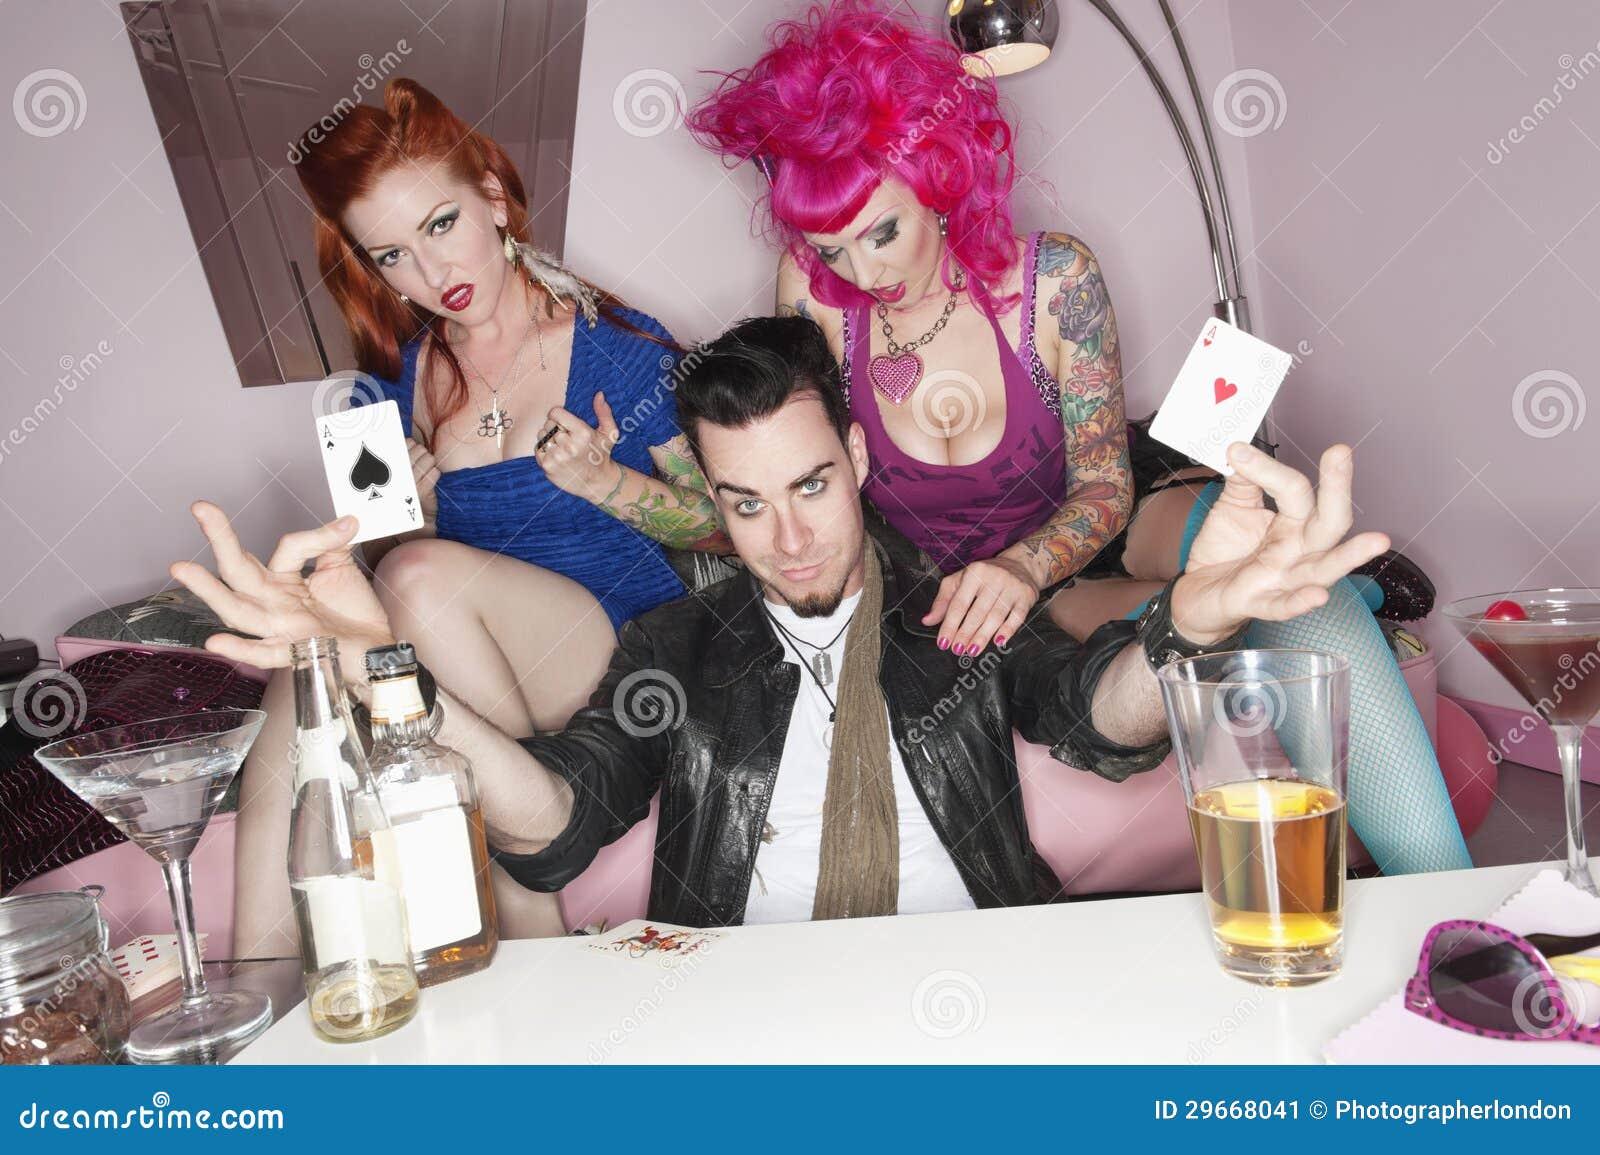 эротичные фото сидя